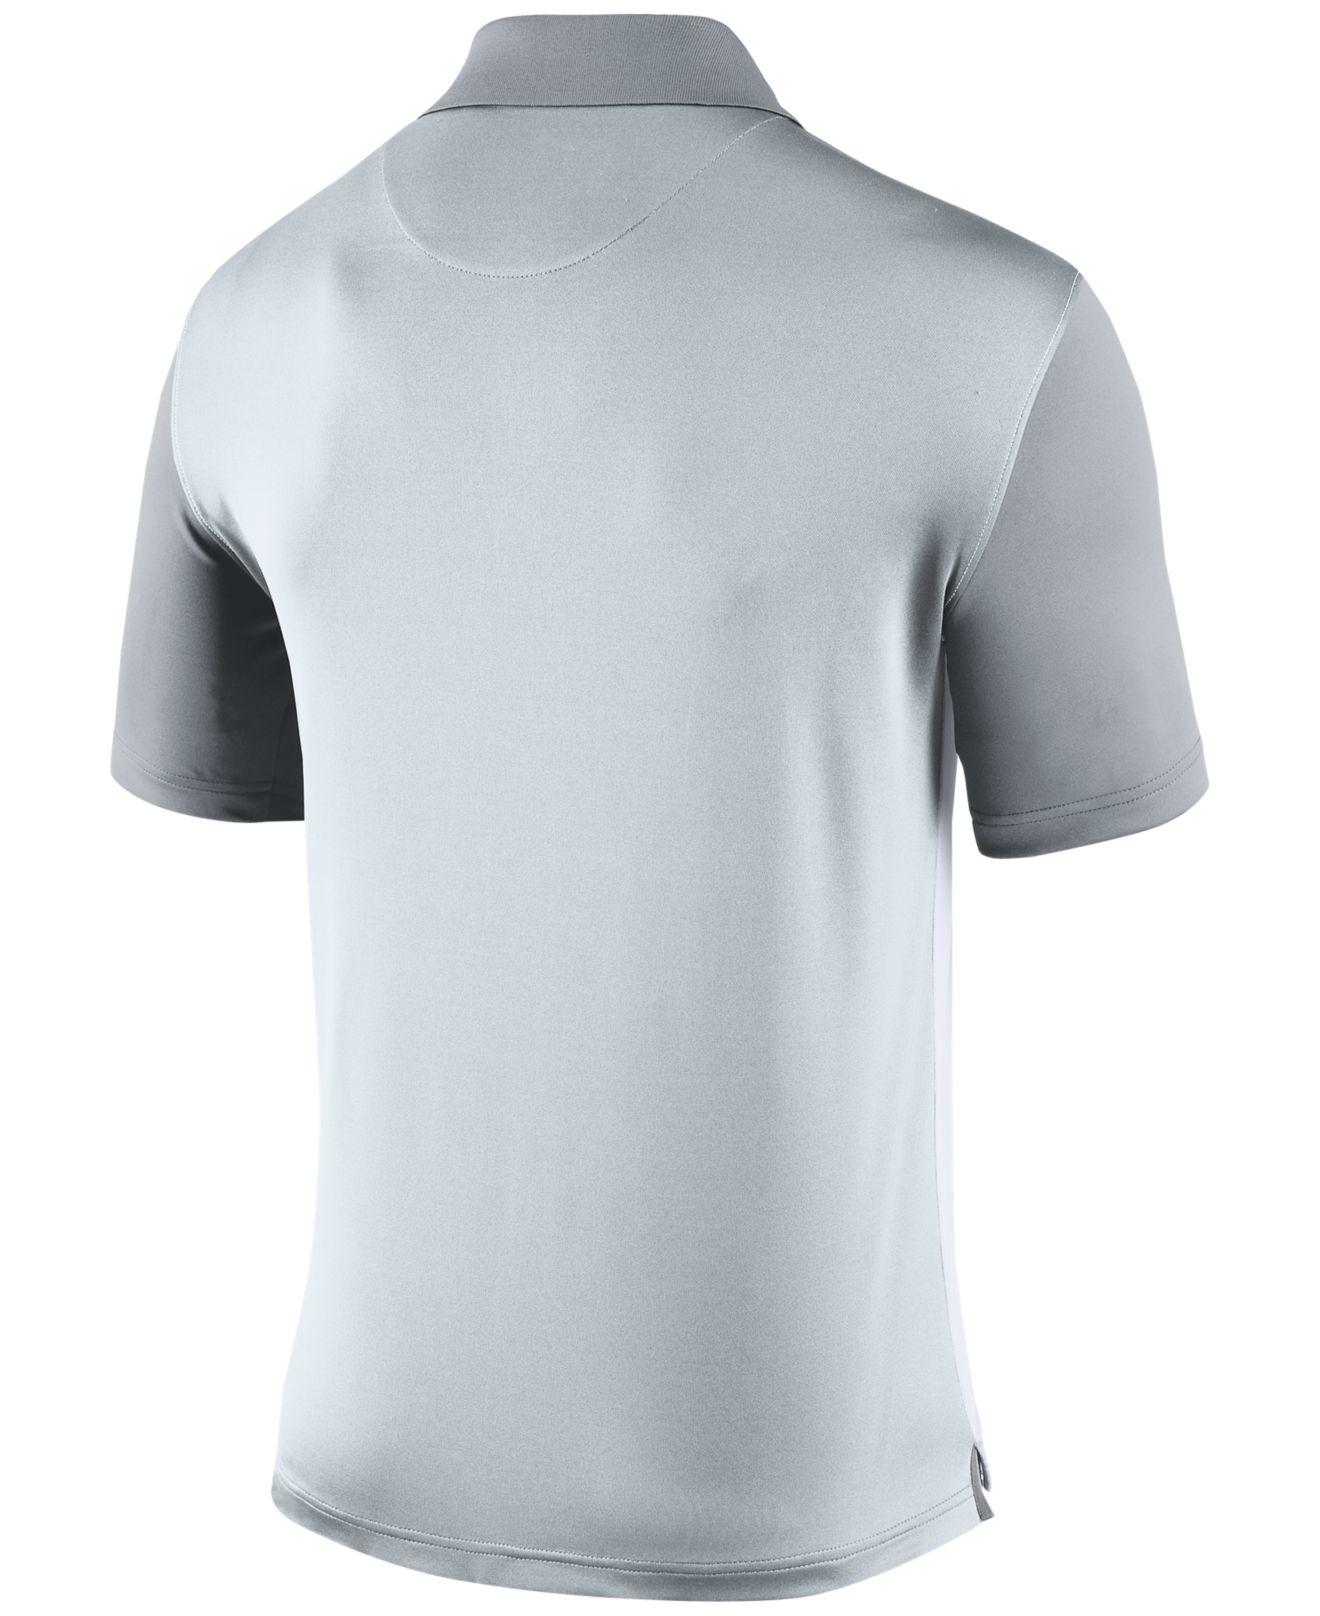 Nike Polo Shirts Near Me Rldm